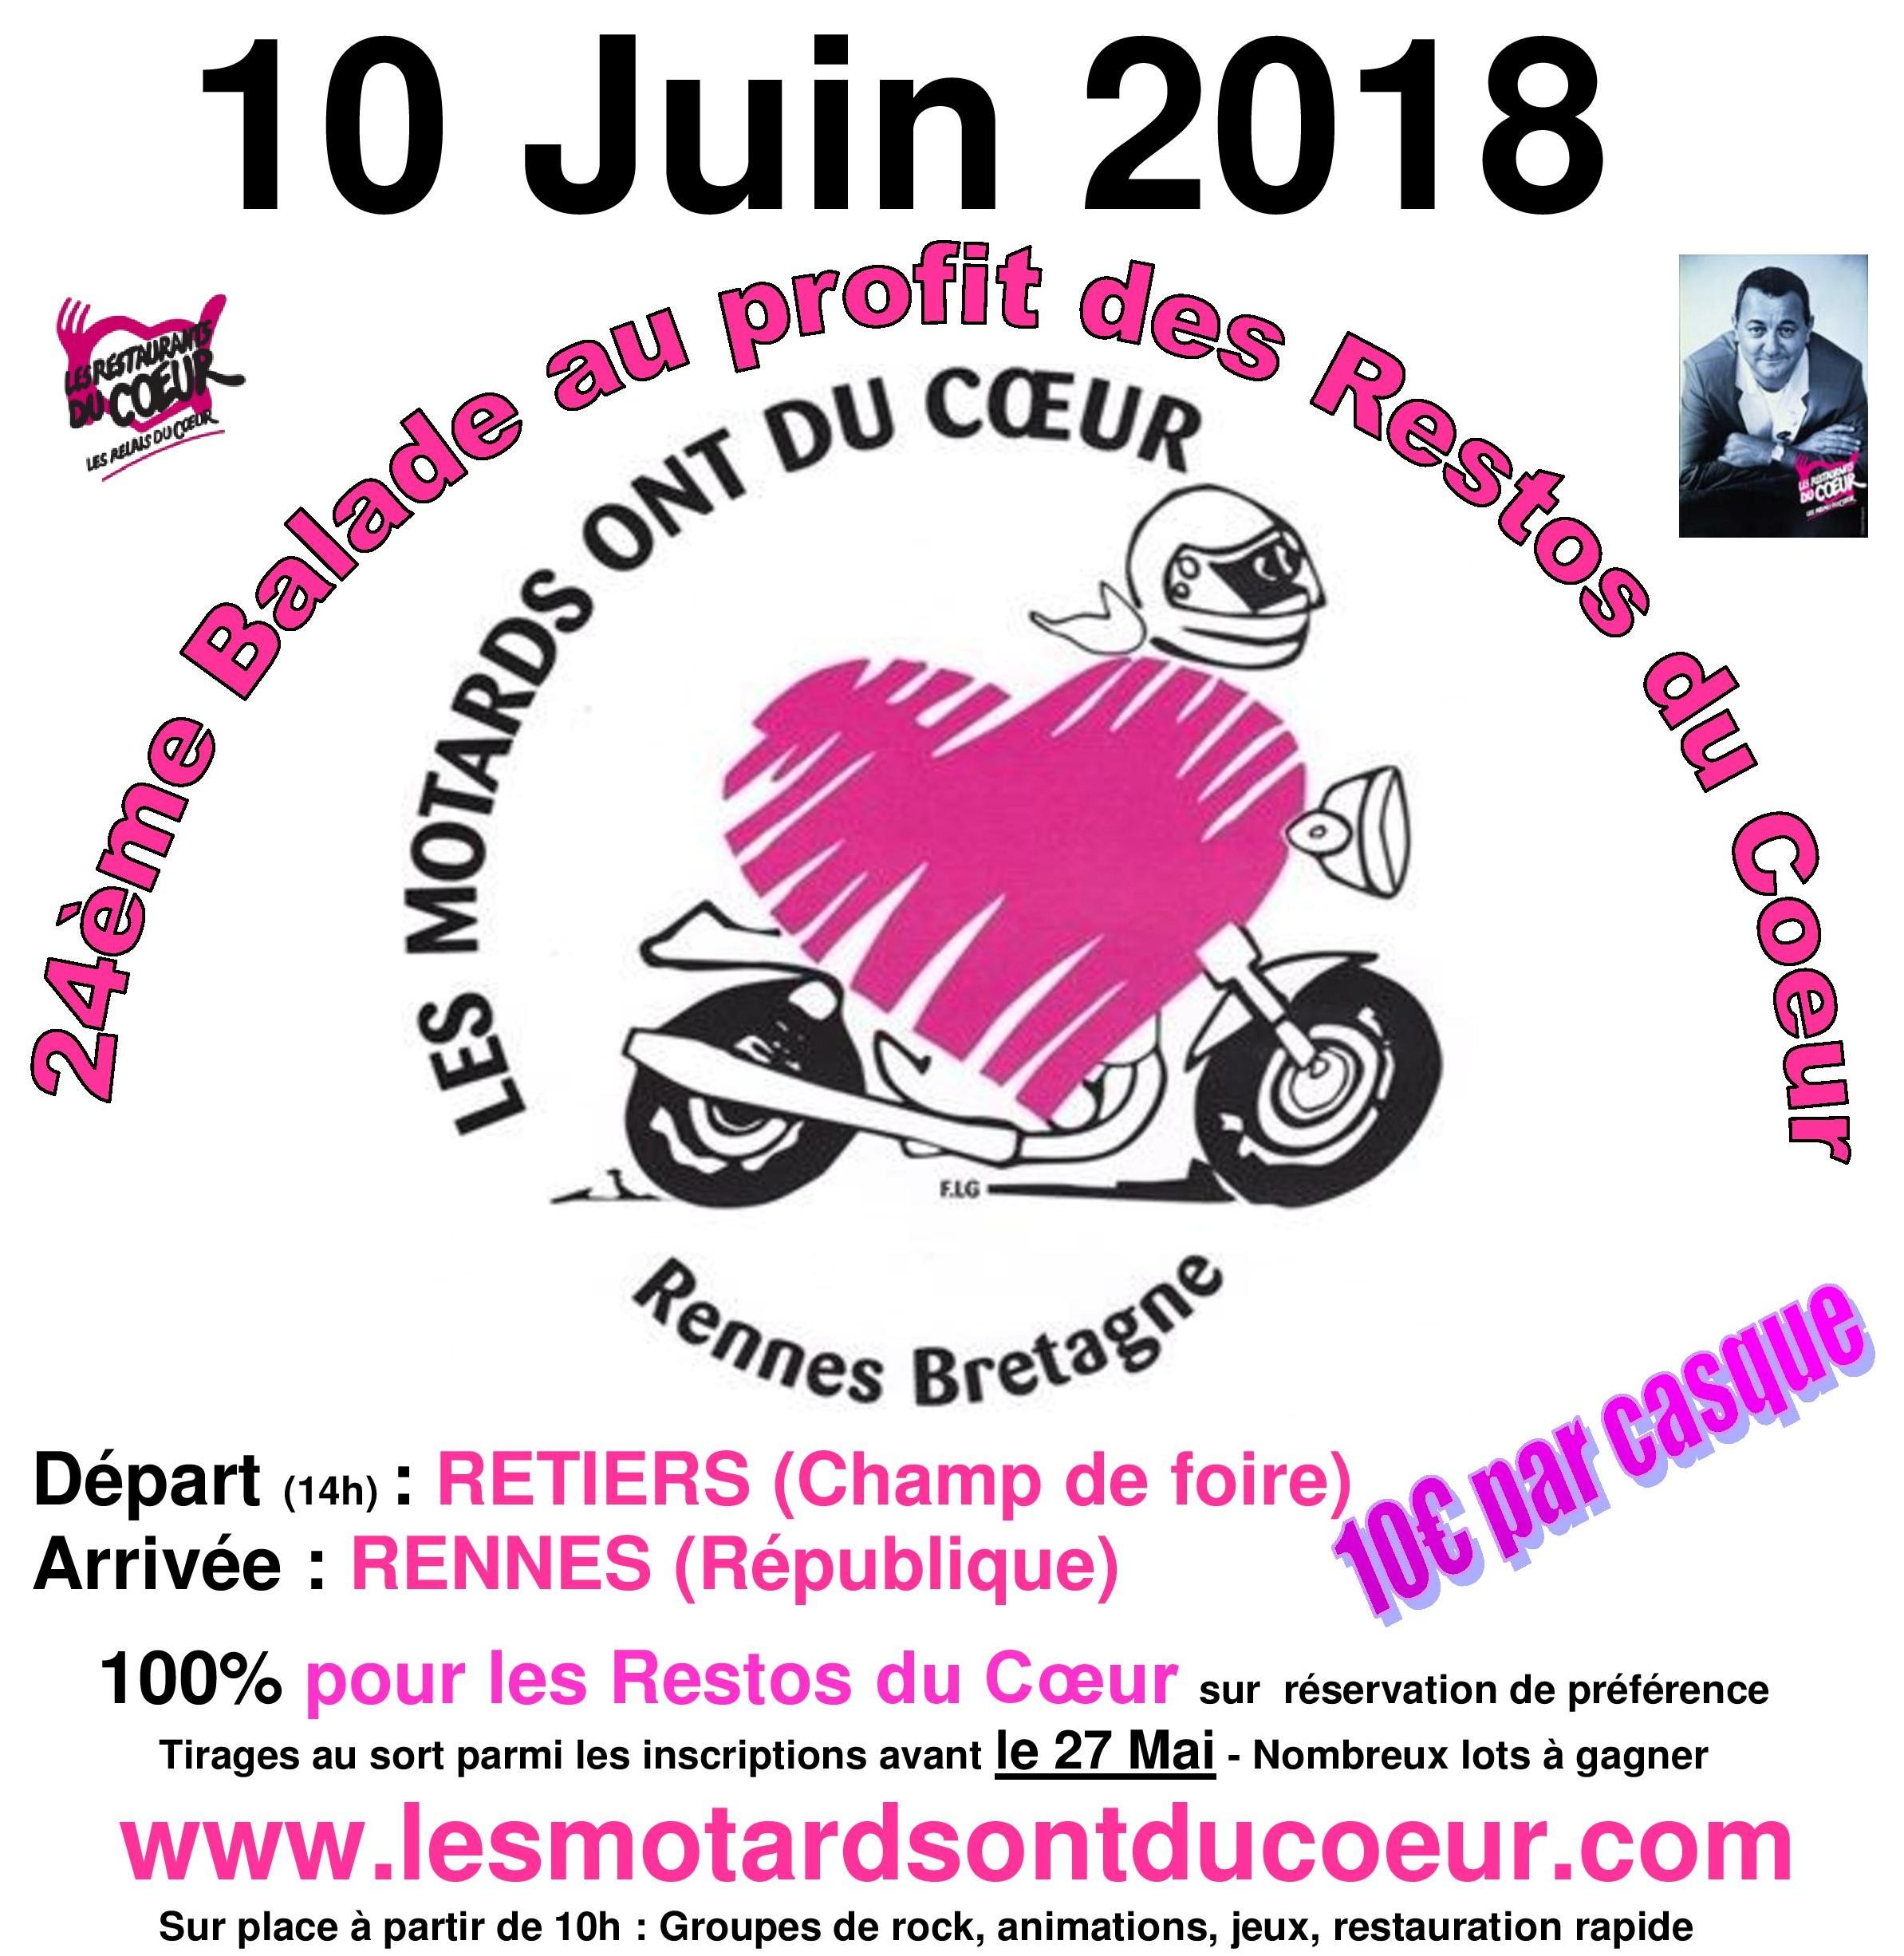 Balade Du 10 Juin 2018 Des Motards Ont Du Cœur